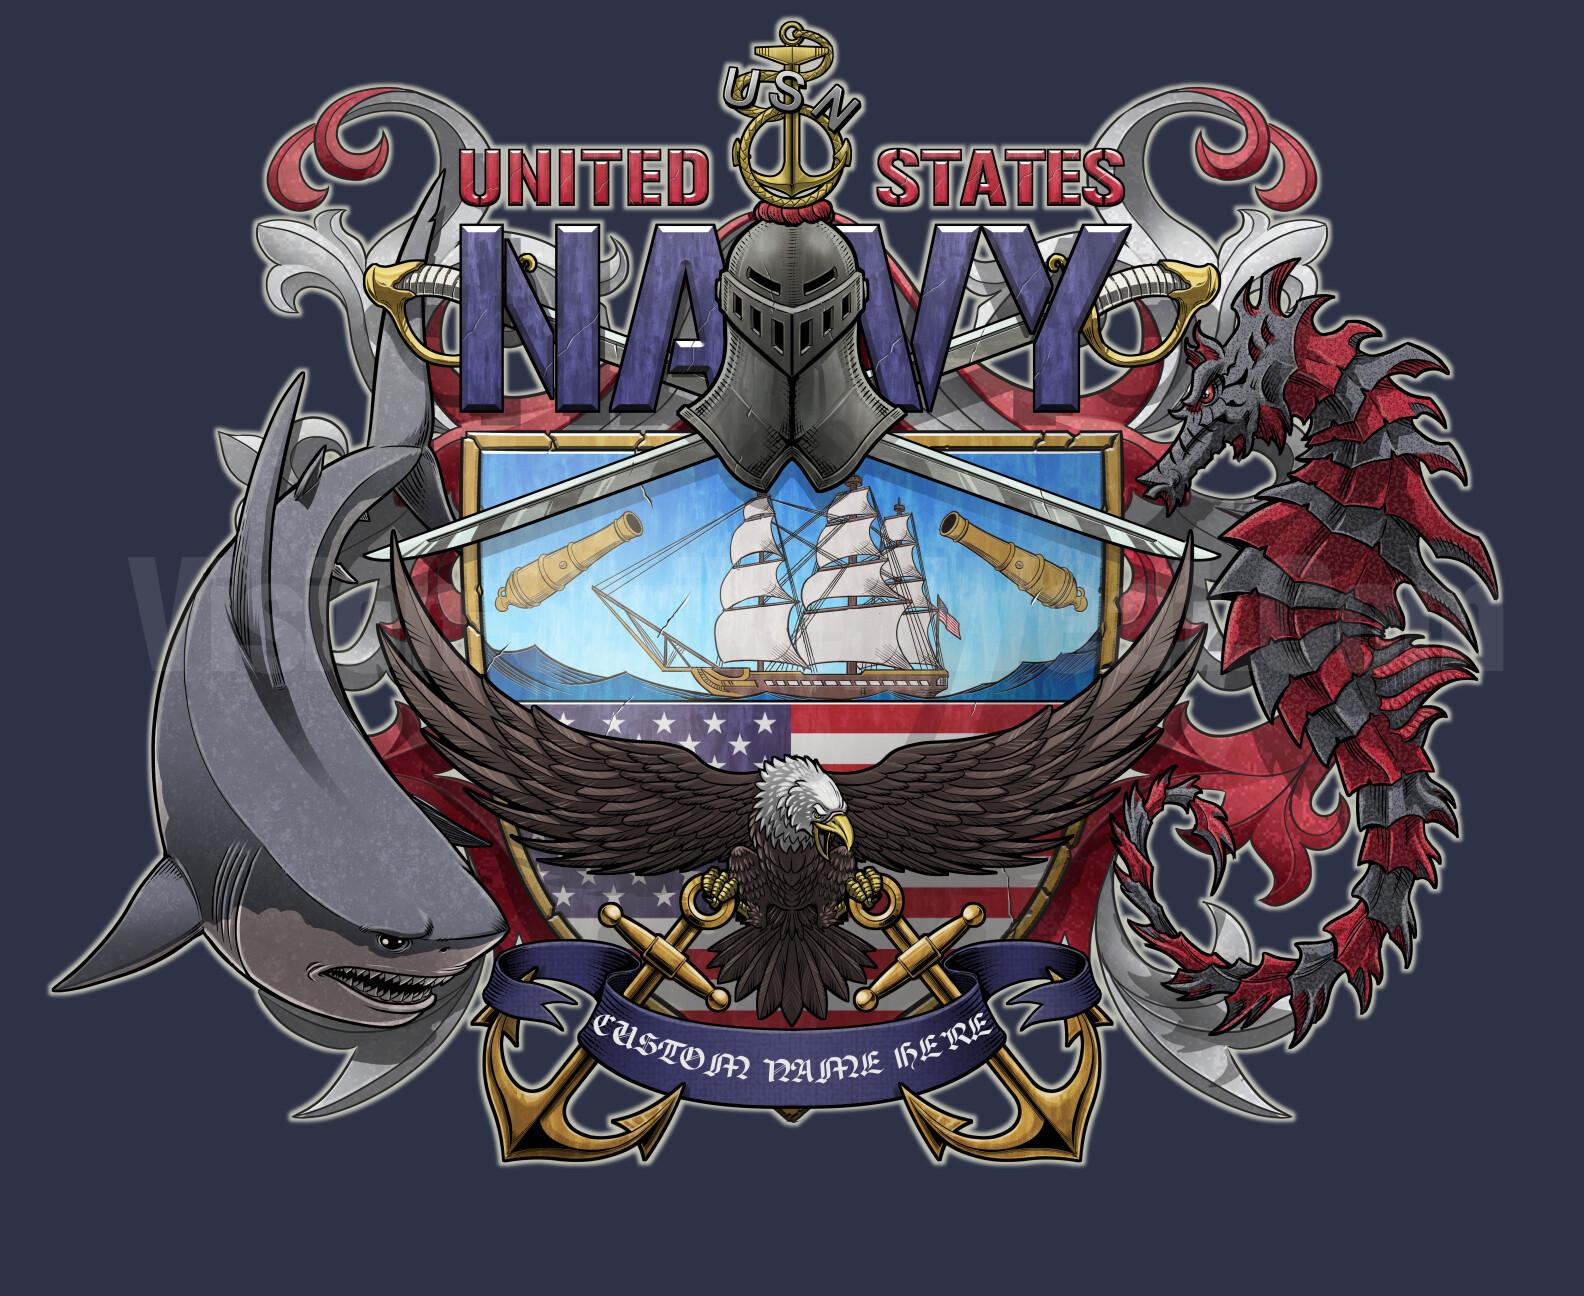 US Navy coat of arms shirt design